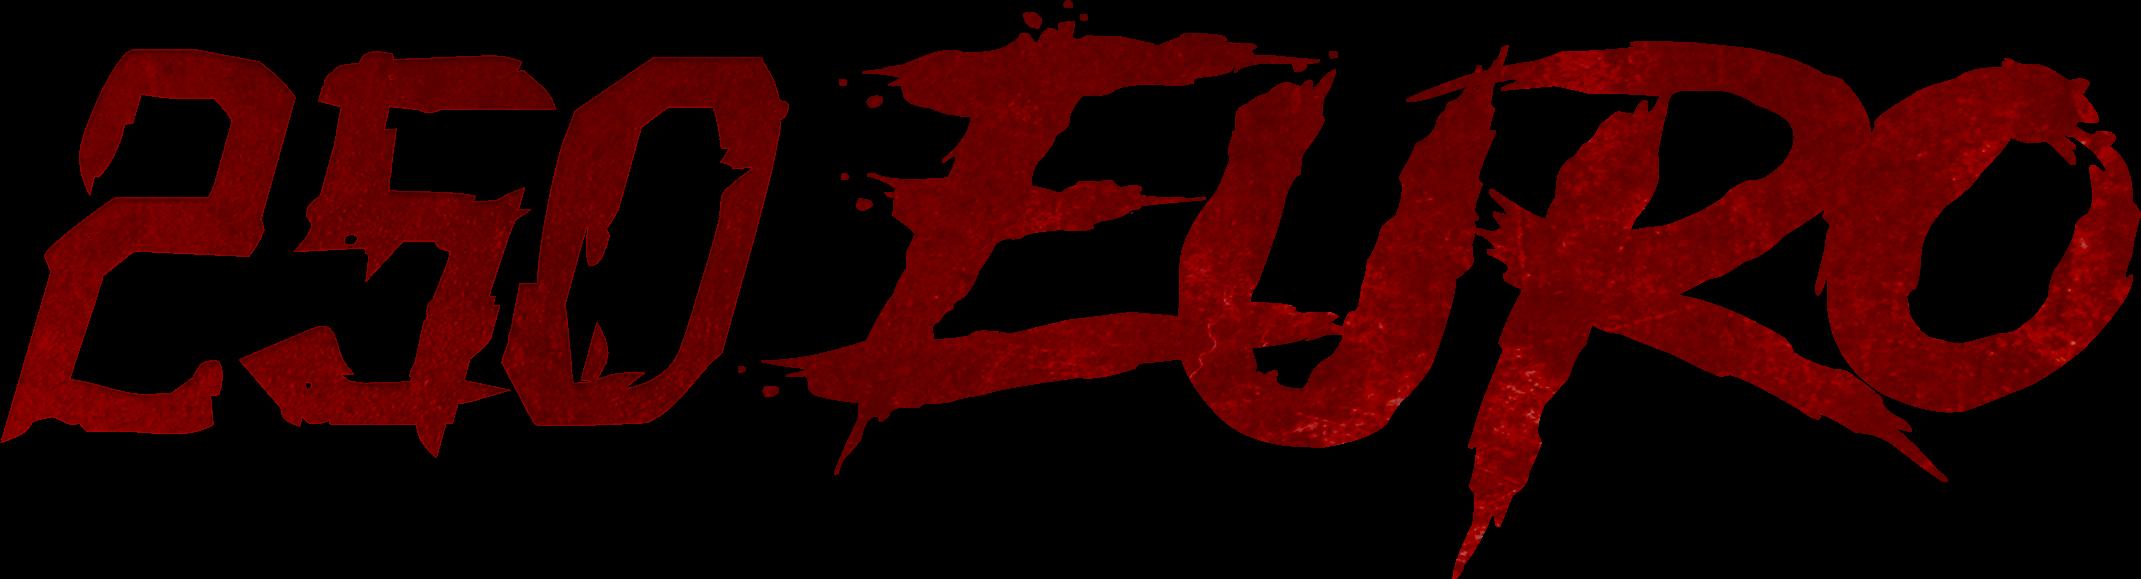 250Euro